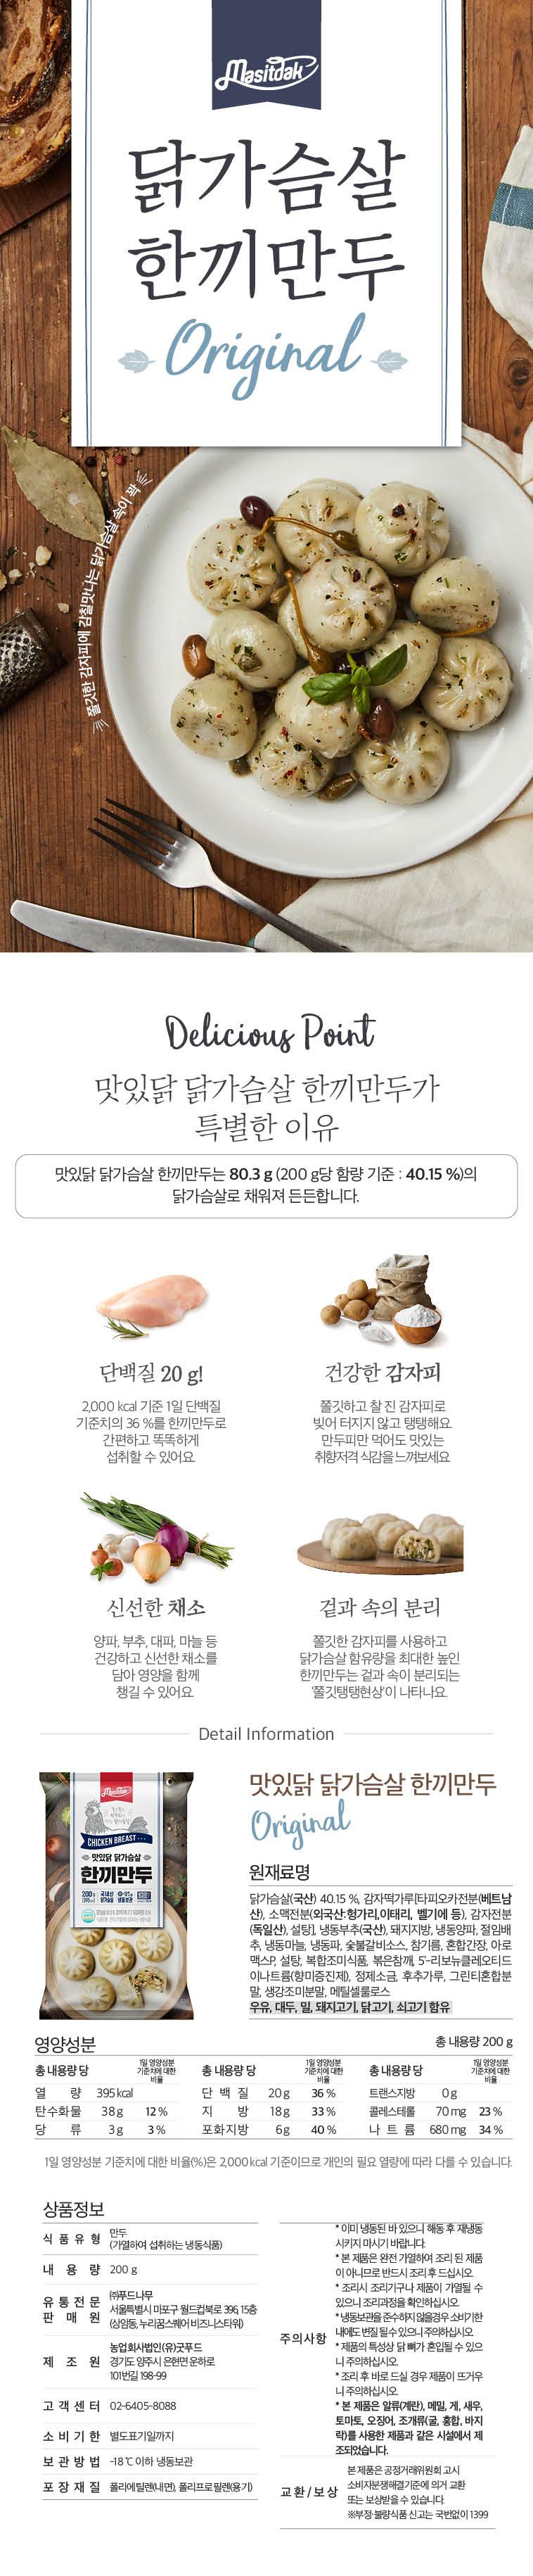 한끼만두_오리지널